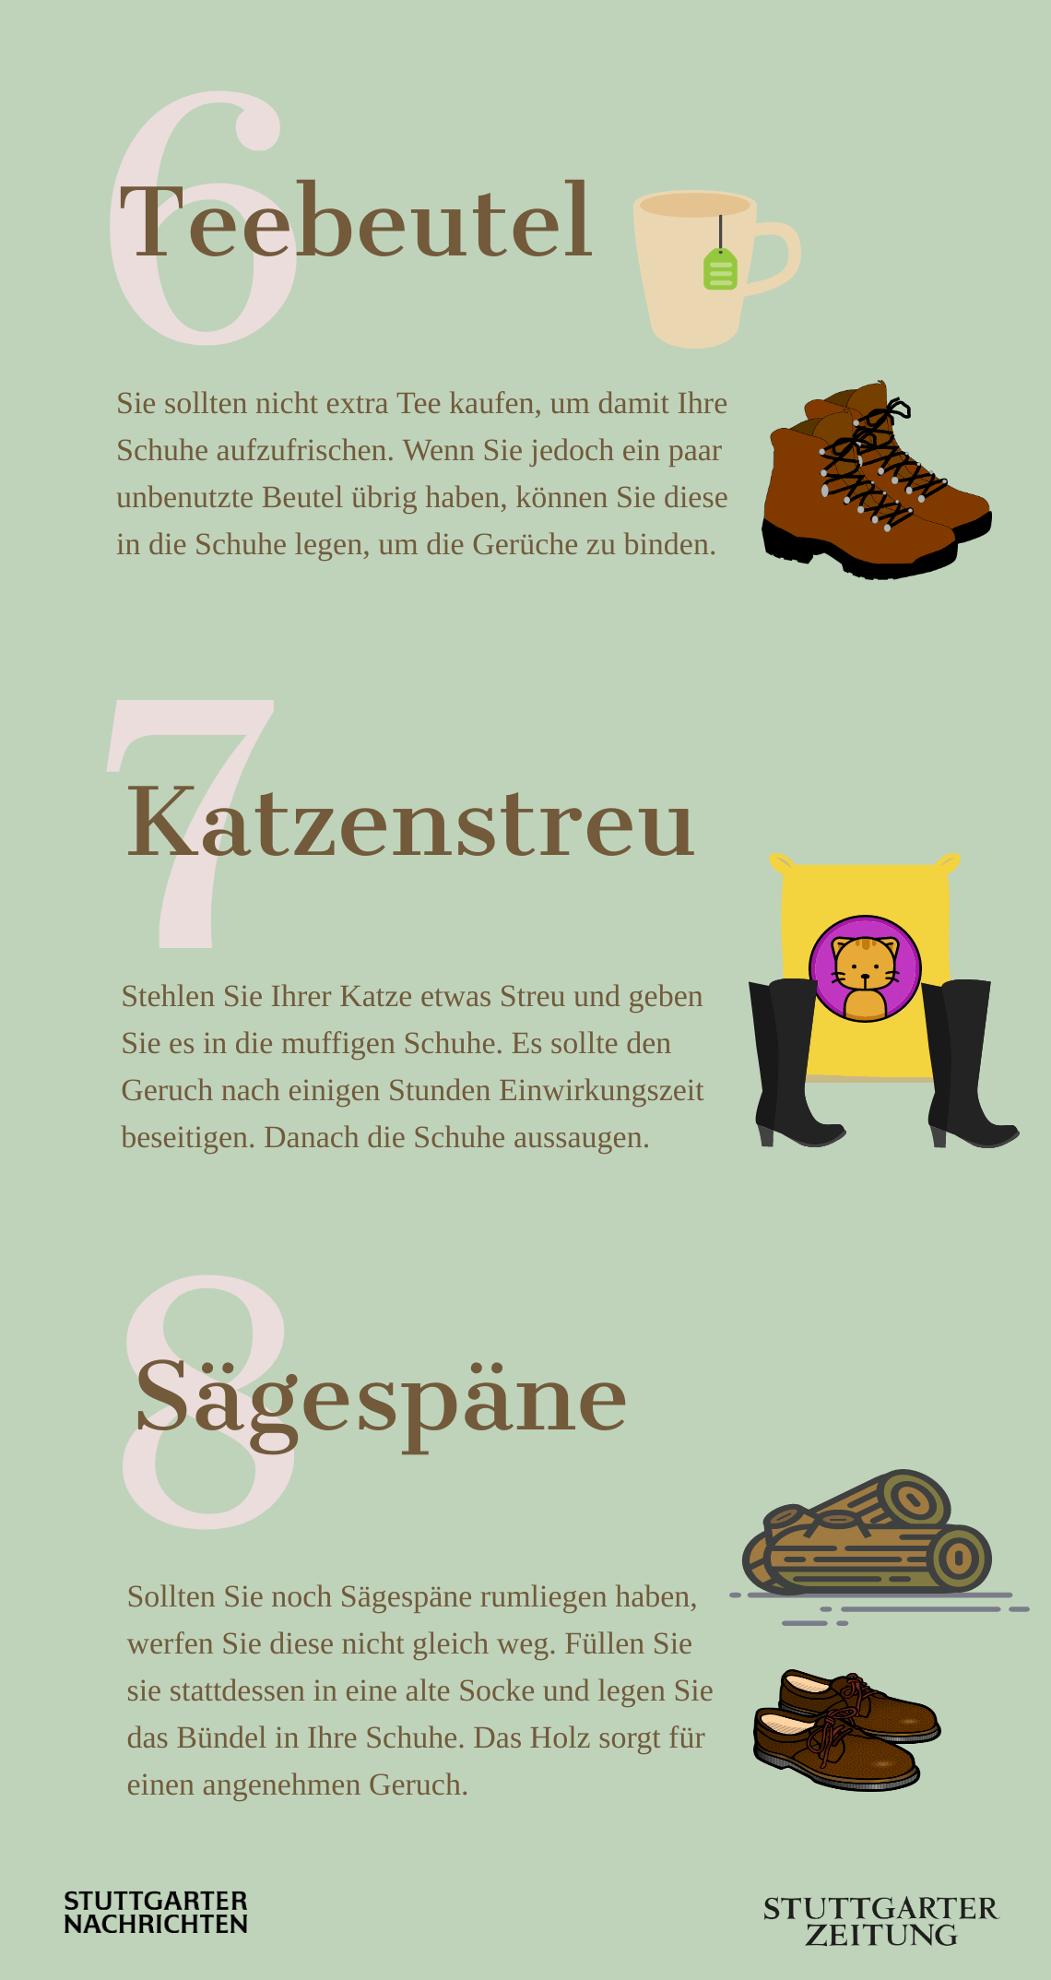 10 Tipps, um Schuhgeruch zu entfernen (Infografik)